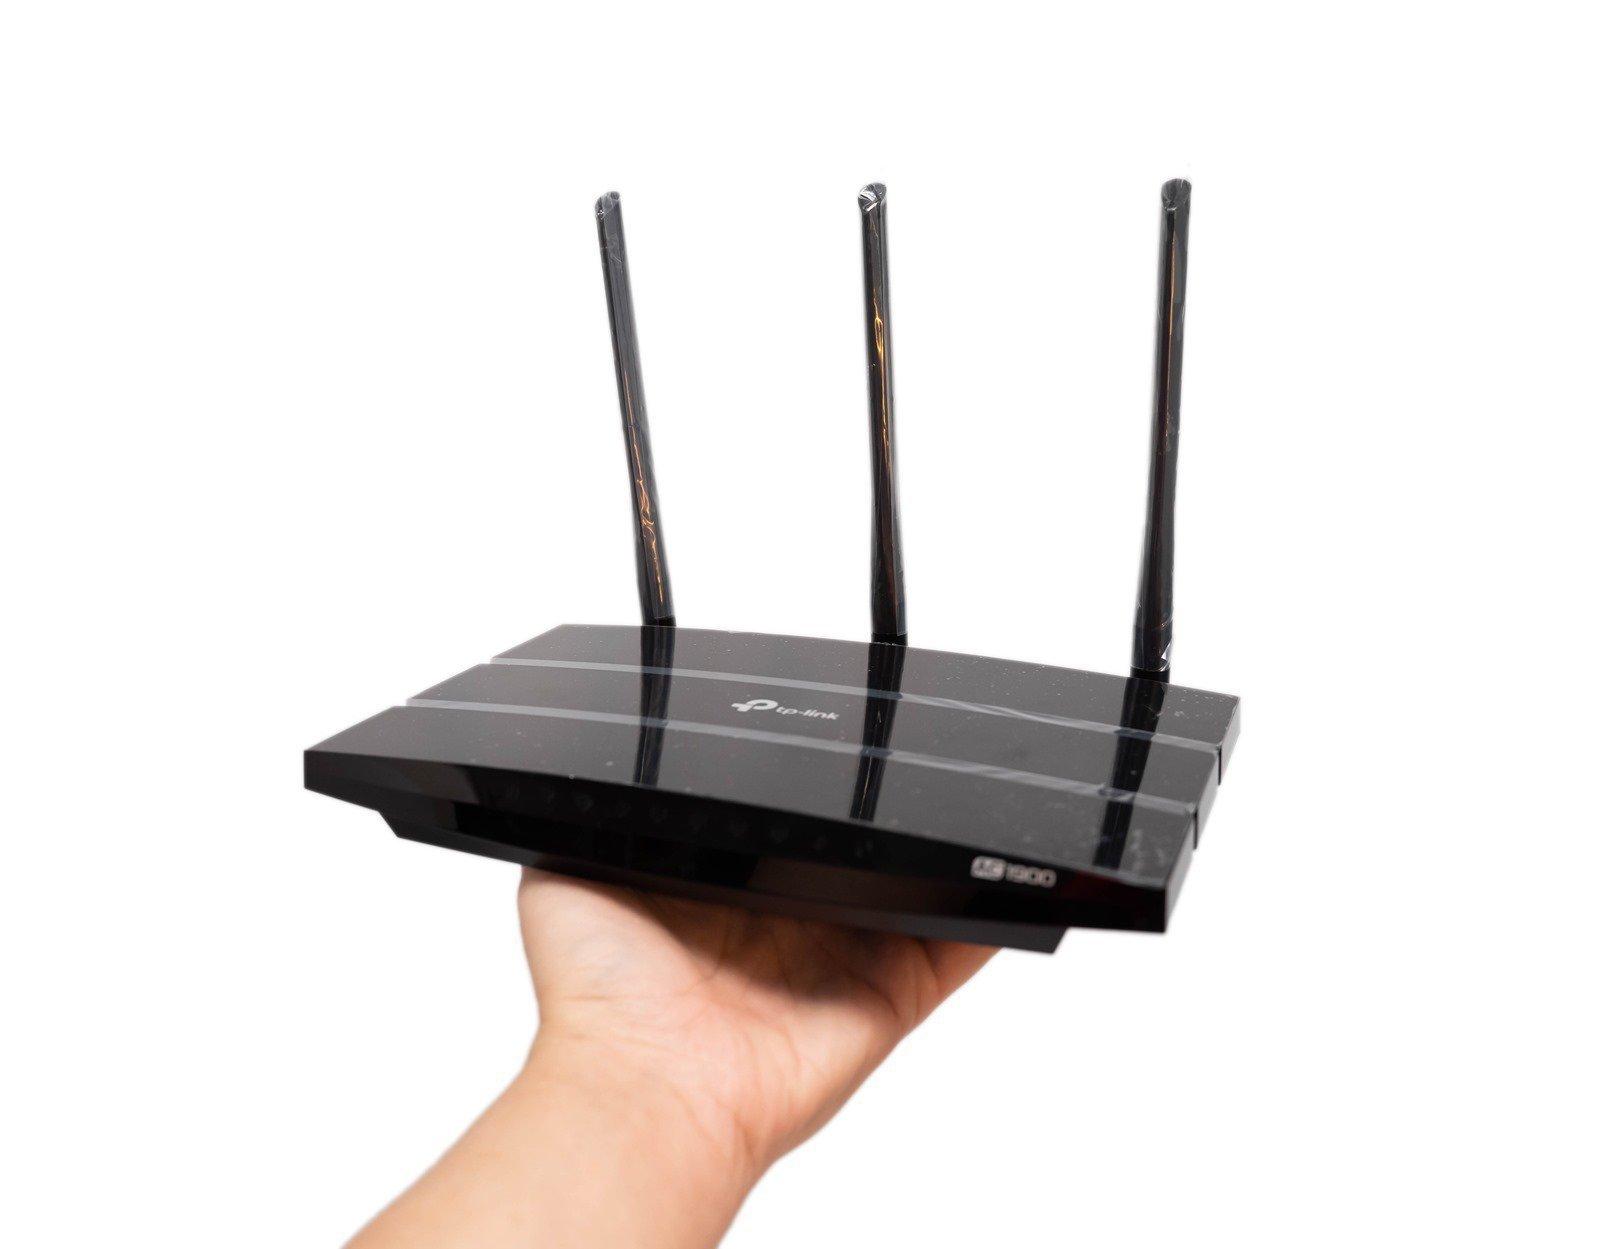 【開箱】無線路由器TP-Link Archer A9 AC1900,平價高性能、升級家中WiFi